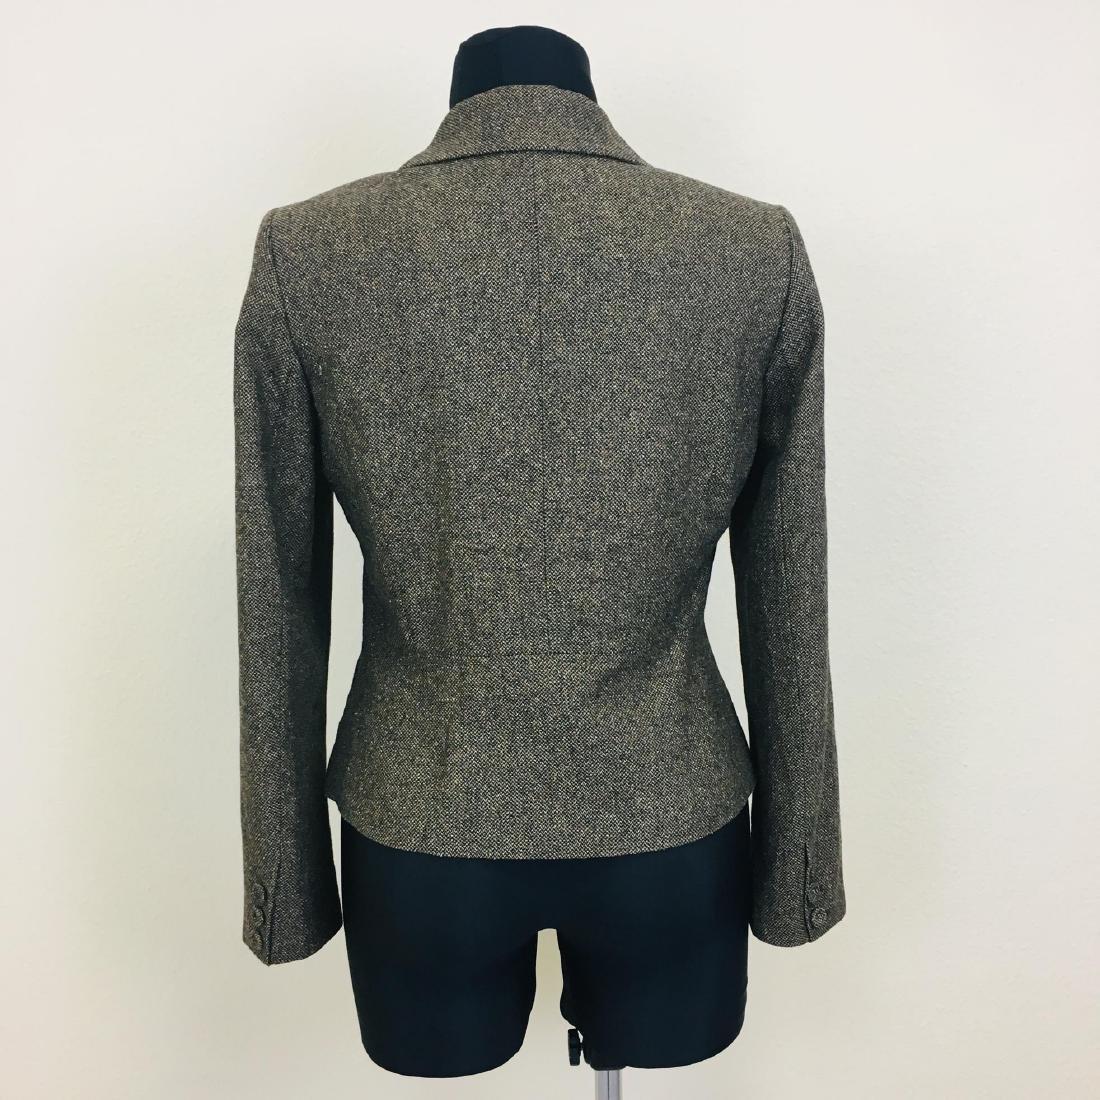 Women's Vackpot Romanian Designer Wool Blend Blazer - 5